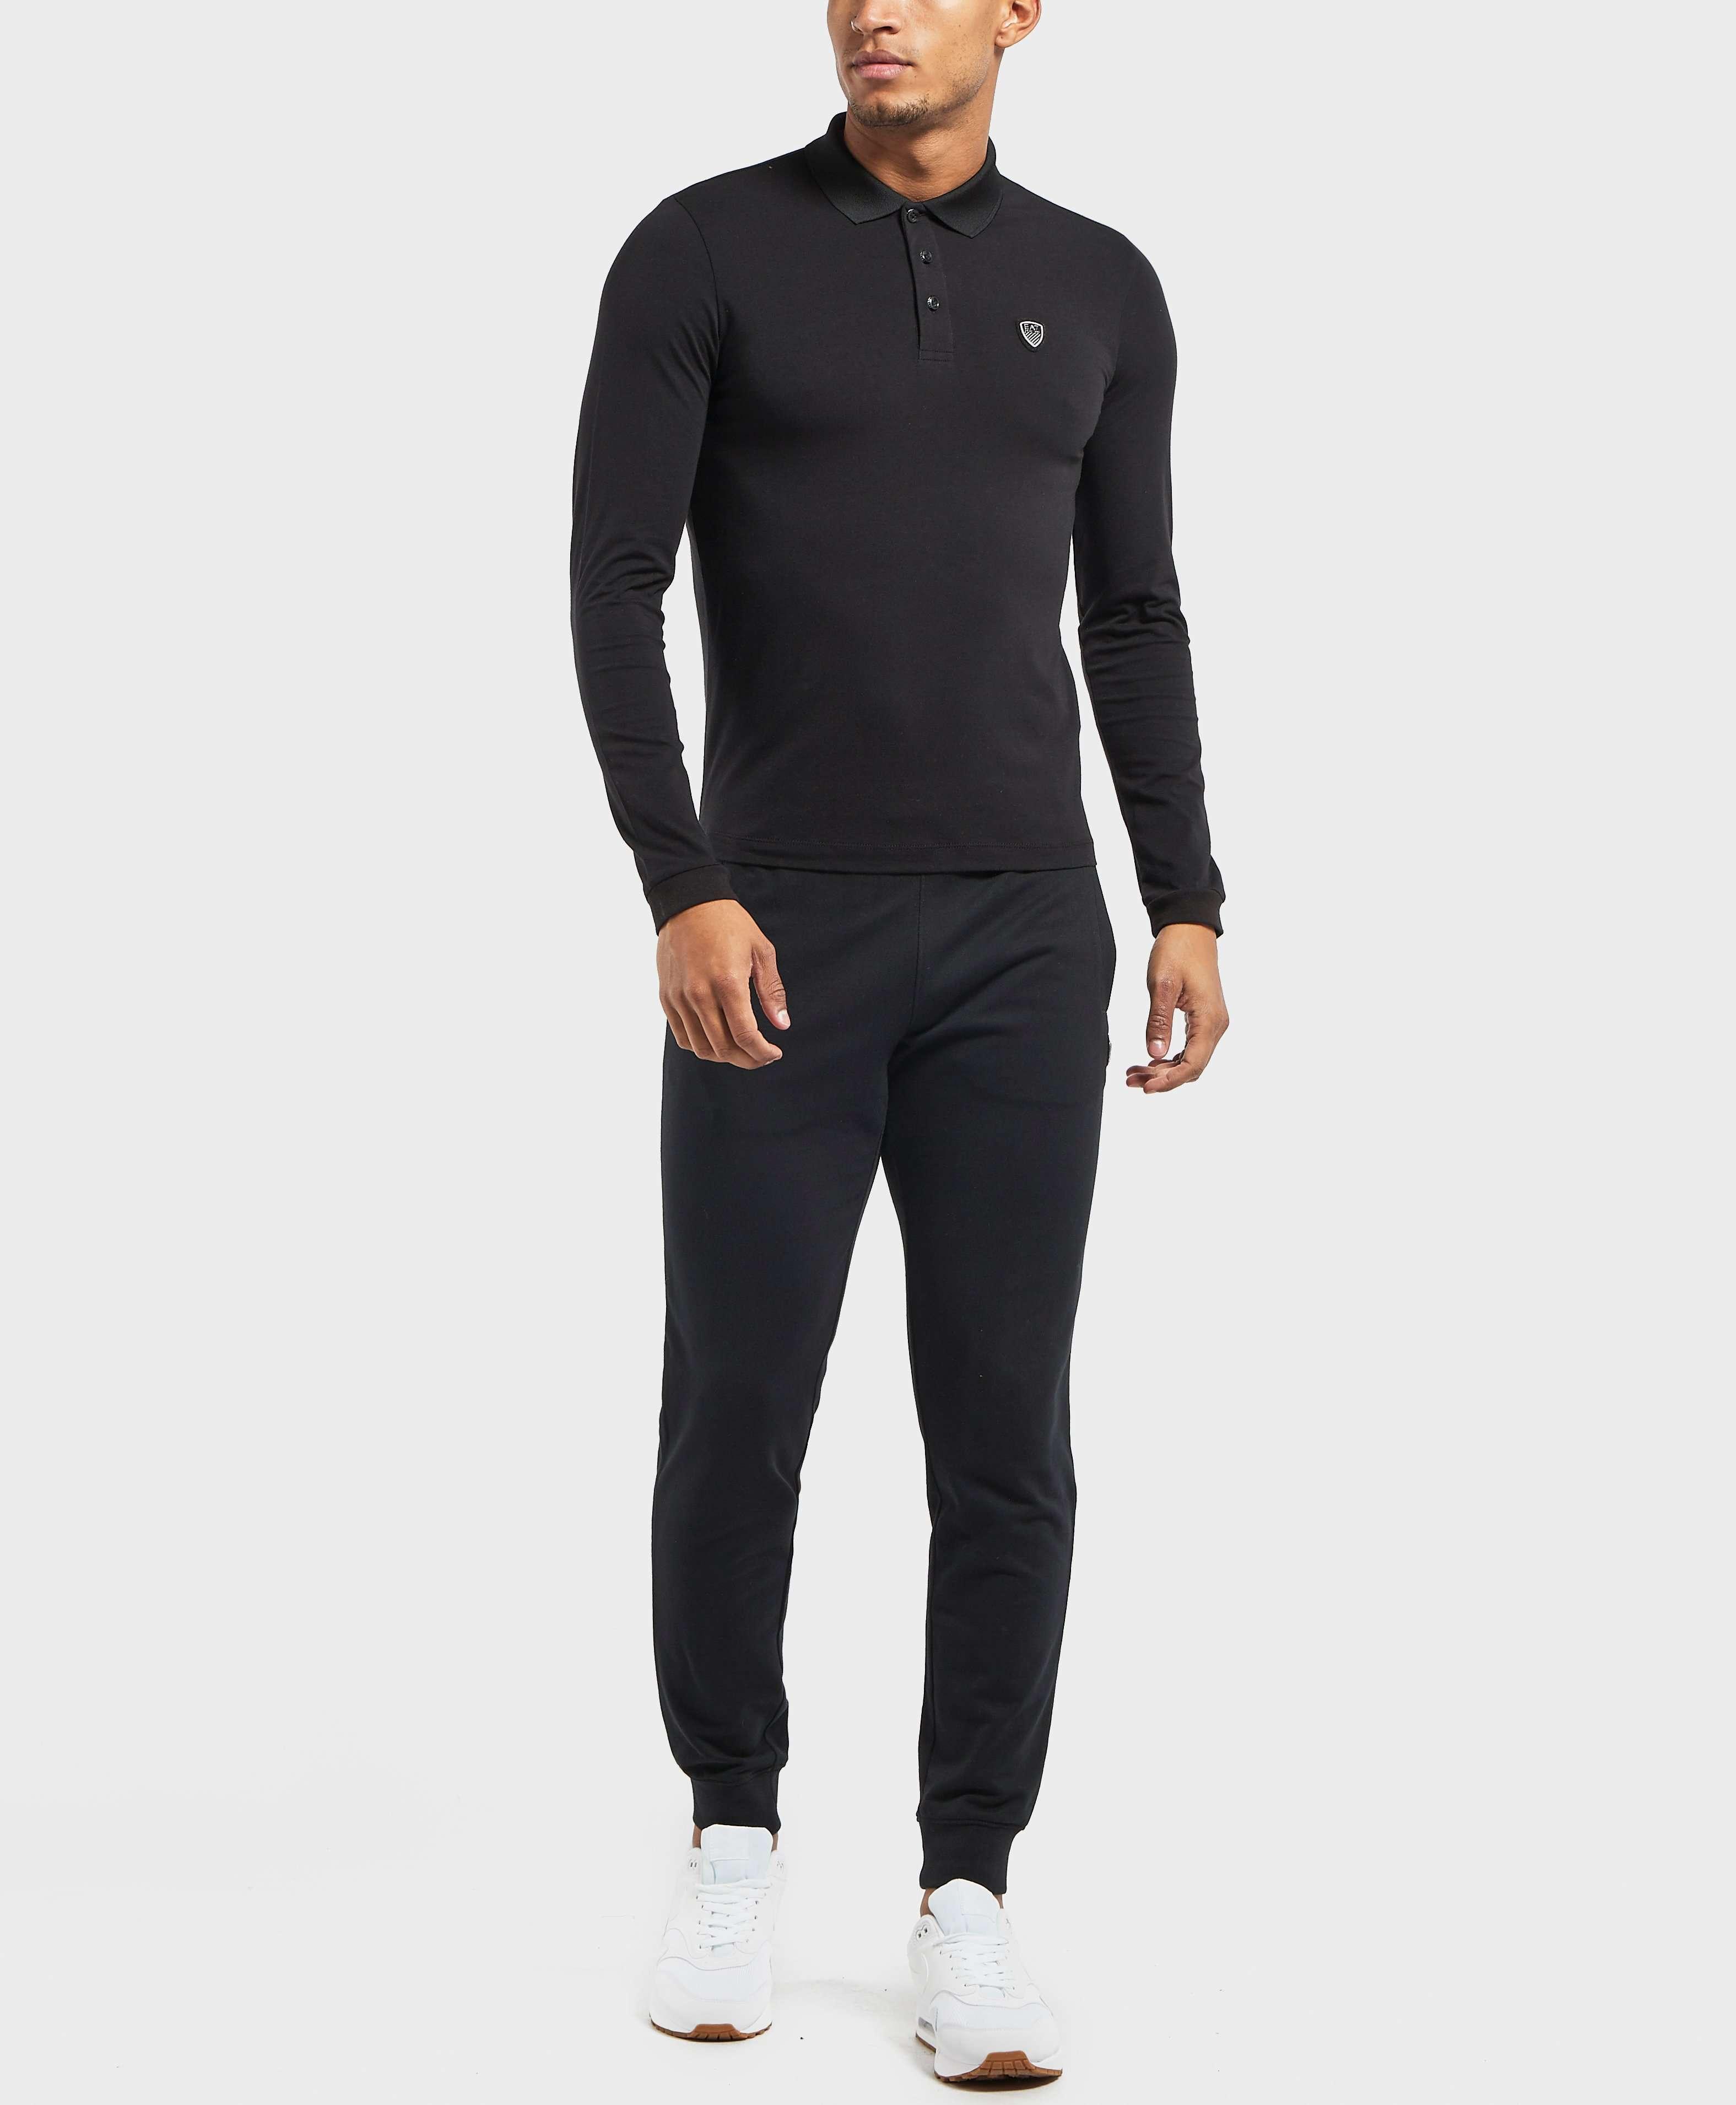 Emporio Armani EA7 Core Shield Long Sleeve Polo Shirt